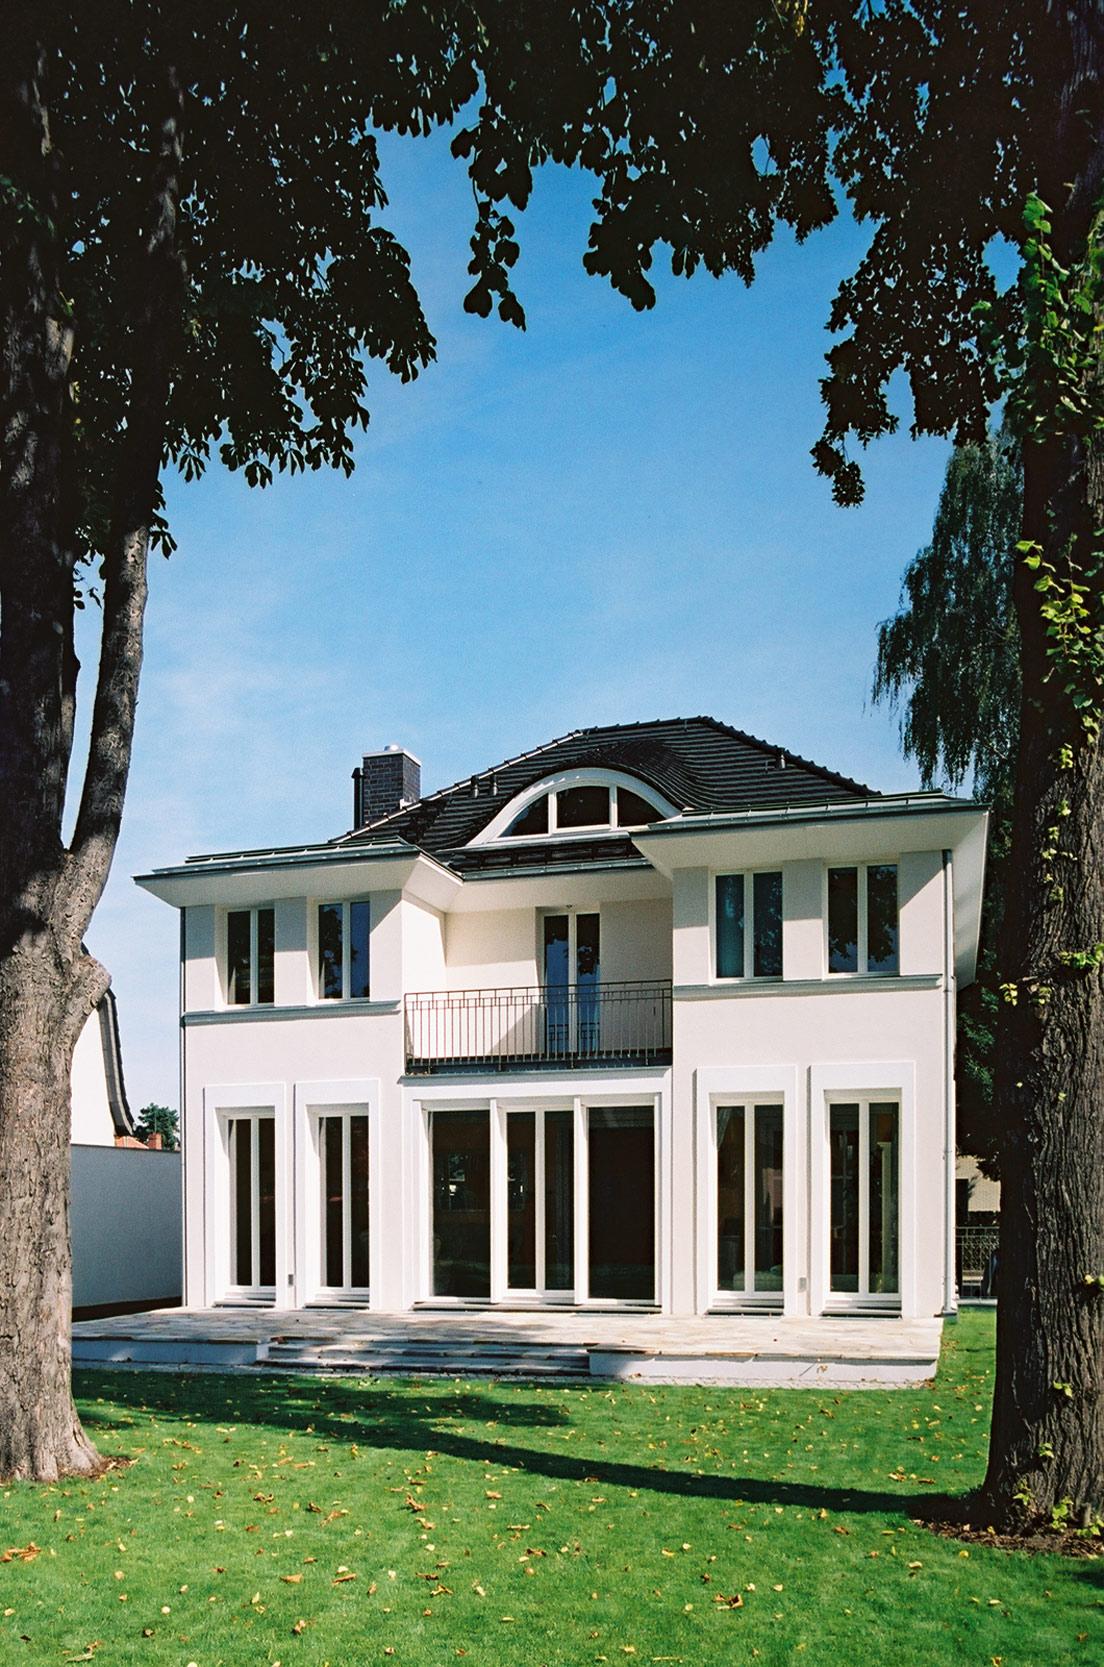 Zum Garten öffnet sich die Villa mit Terrasse und Balkon.